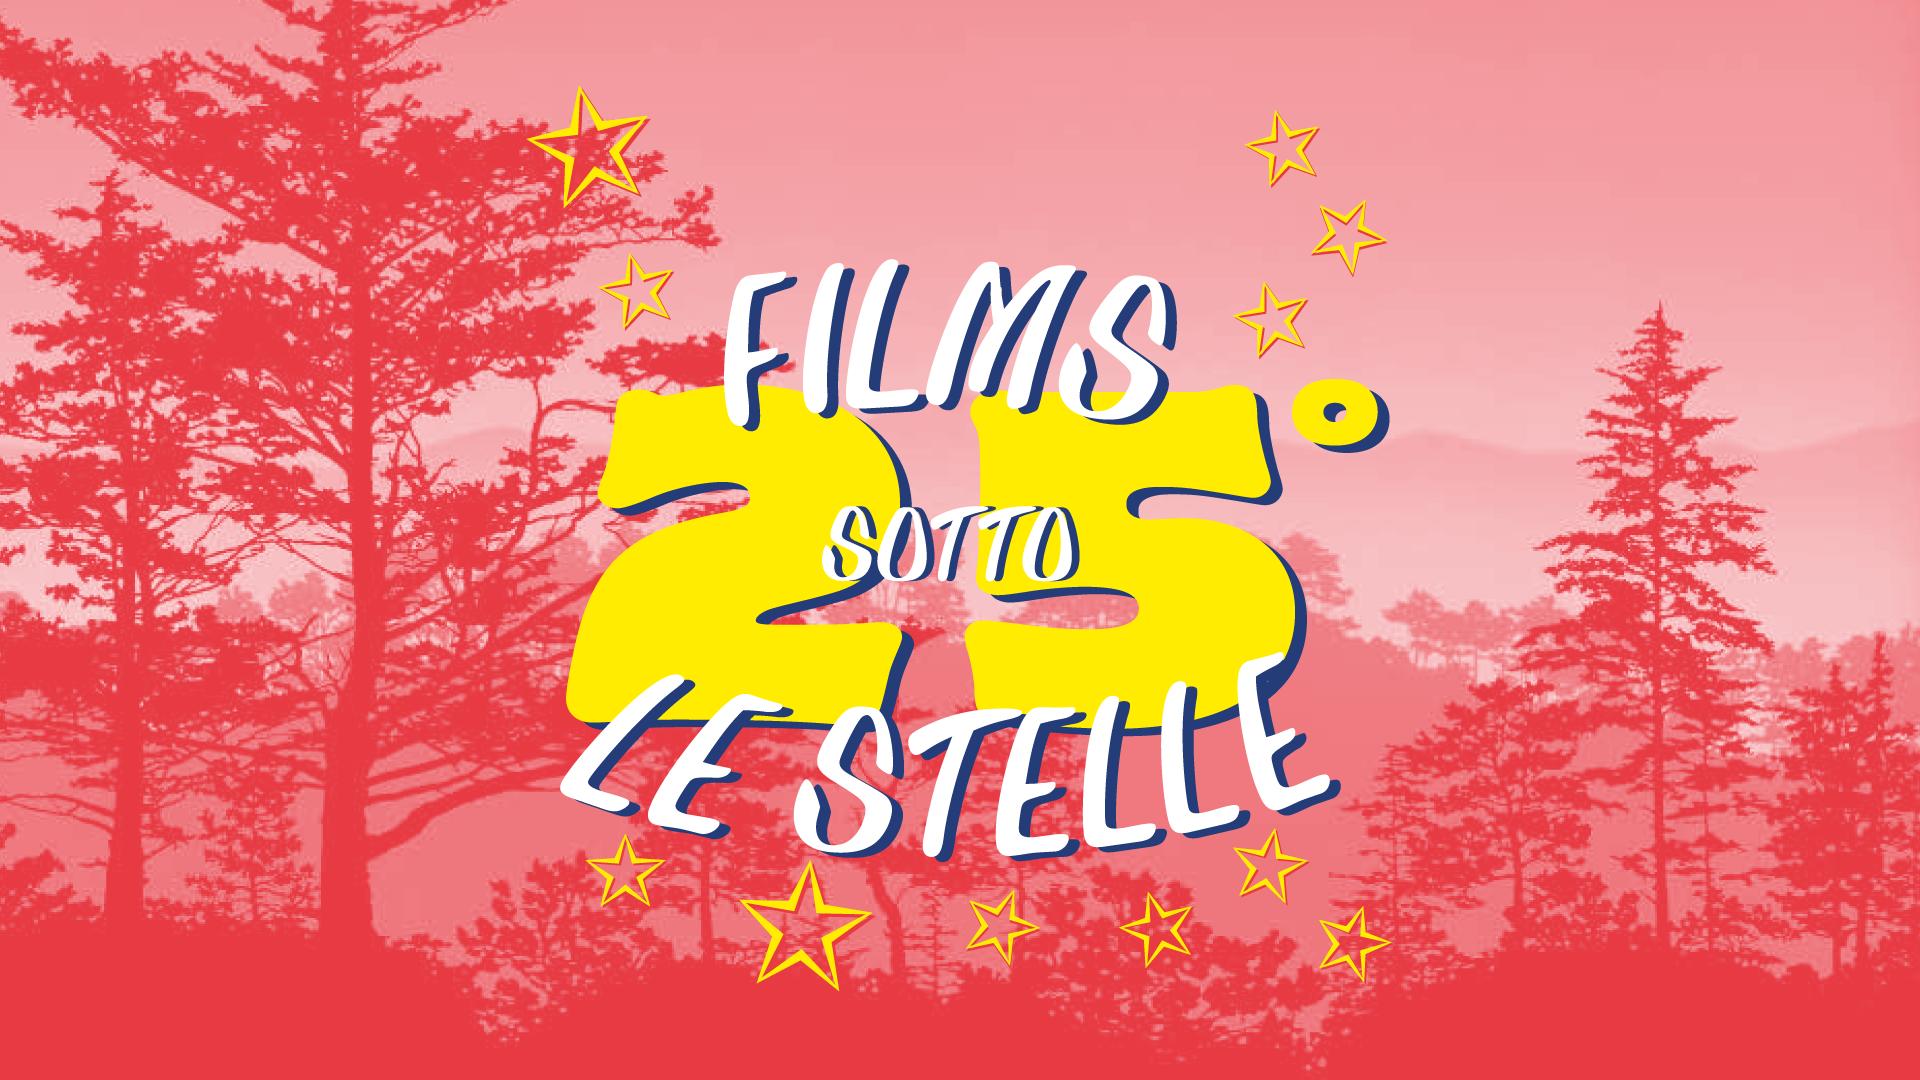 wp-filmssottolestelle2019